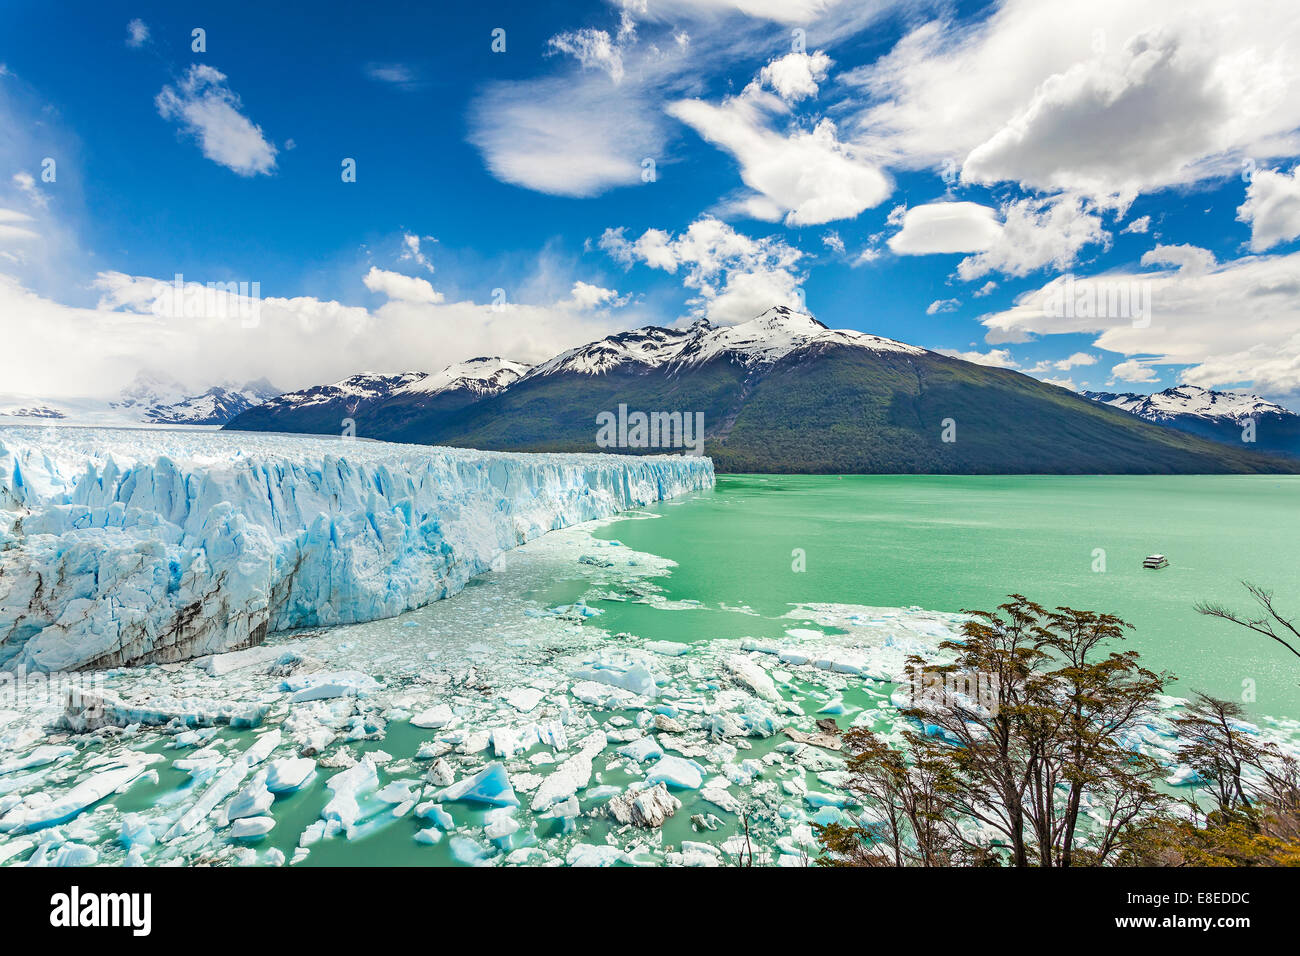 Ghiacciaio Perito Moreno nel parco nazionale Los Glaciares, Argentina. Immagini Stock